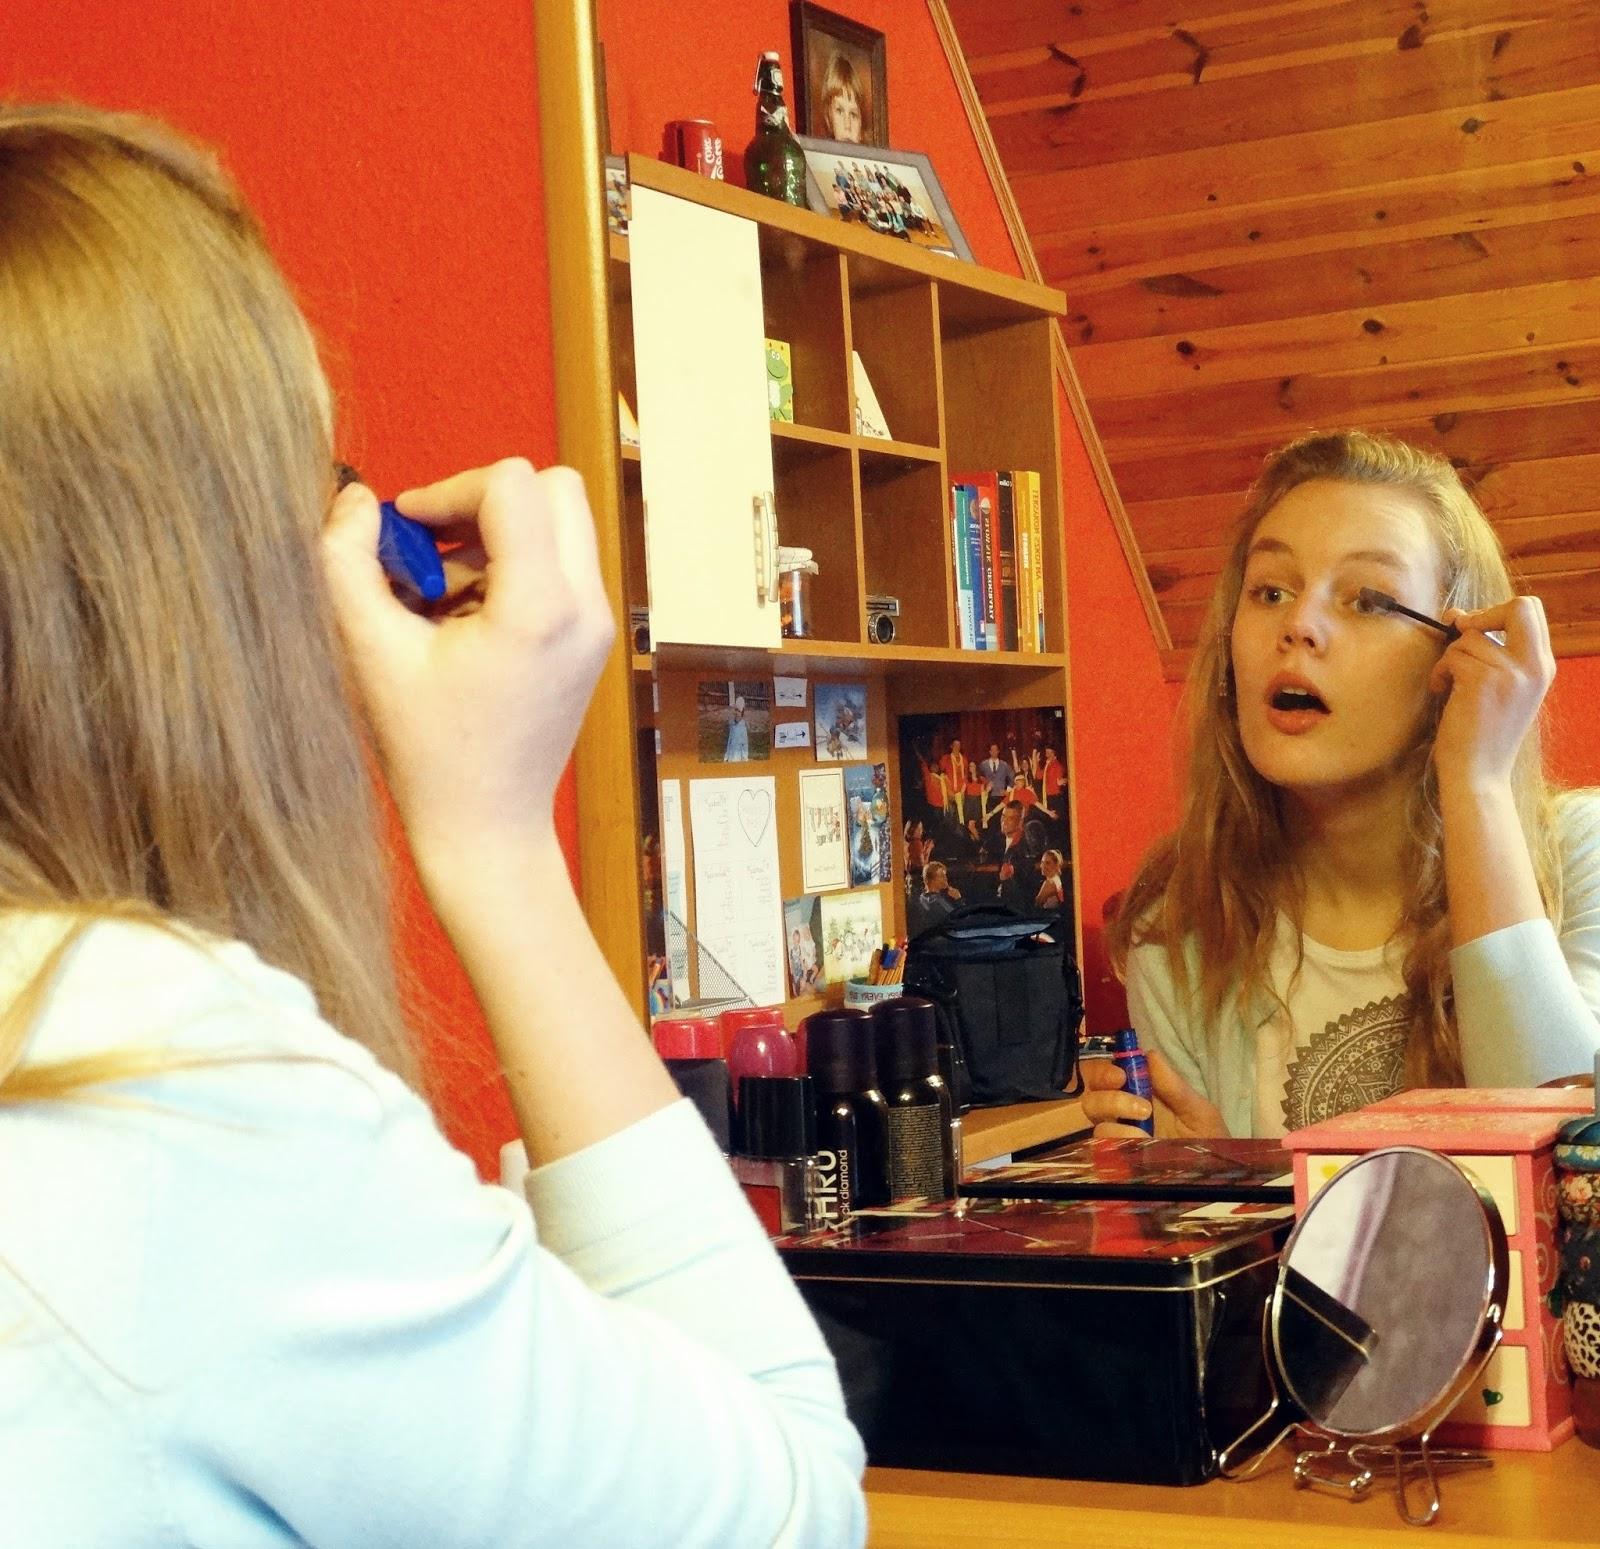 Makijaż nie jest najważniejszy. Współpraca, adgam